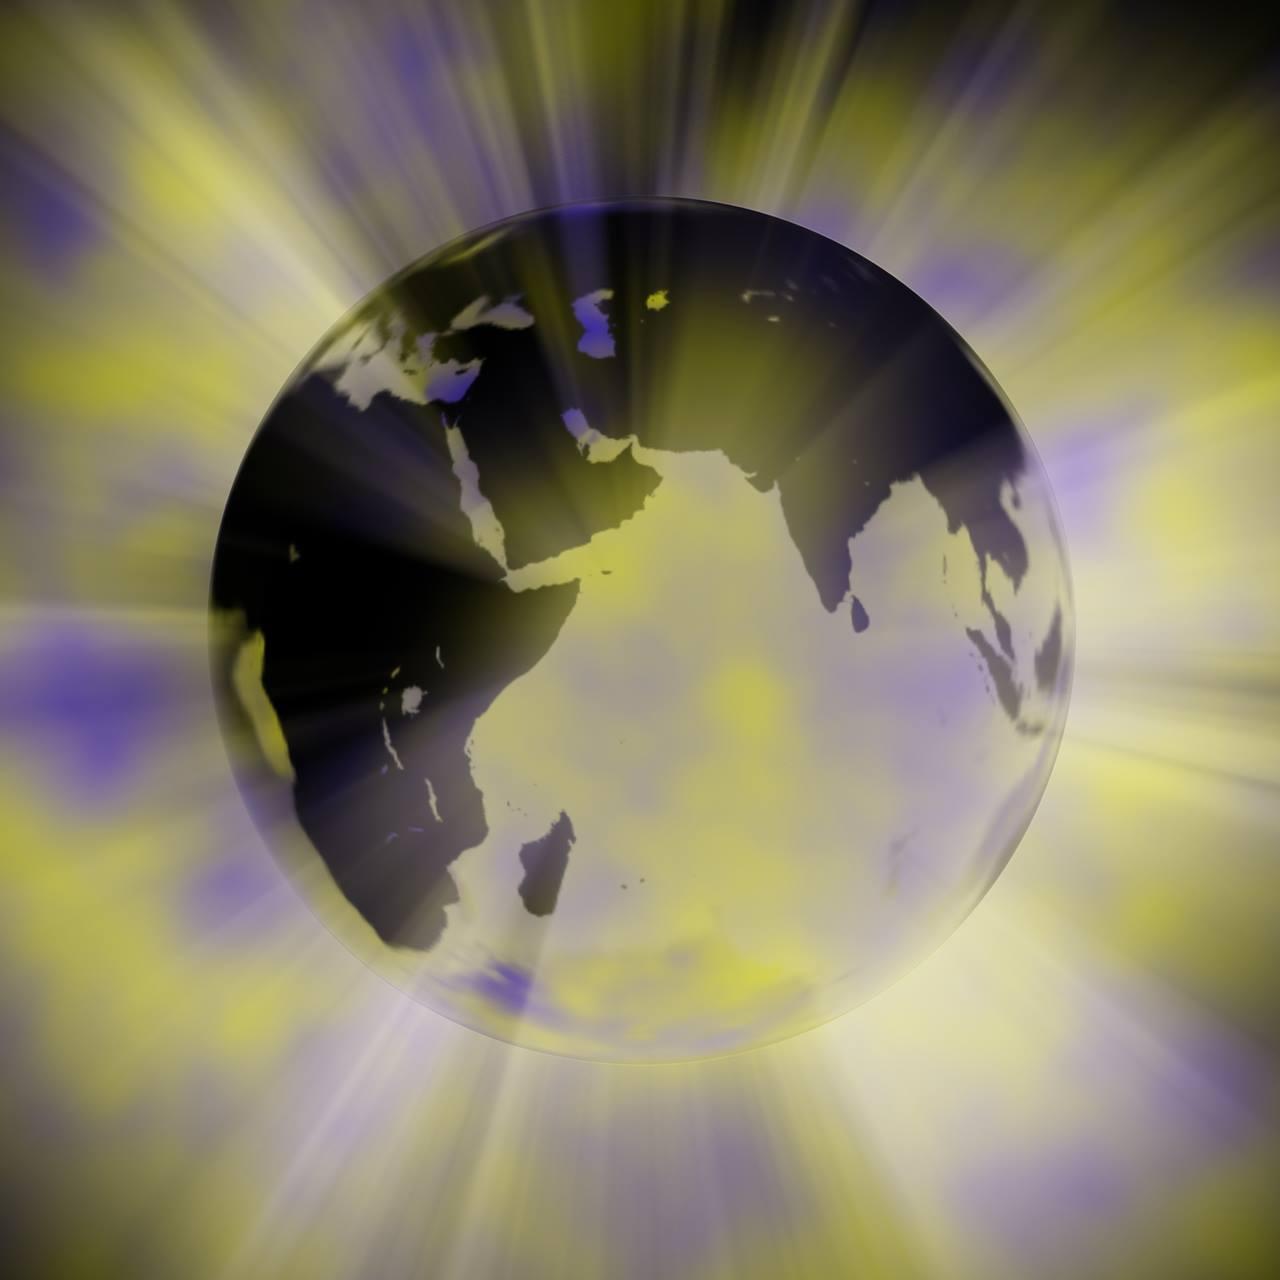 השאלה שצריך כל אדם לשאול עצמו: האם היקום ידידותי? האם הוא זוהר בשפע אינסופי?